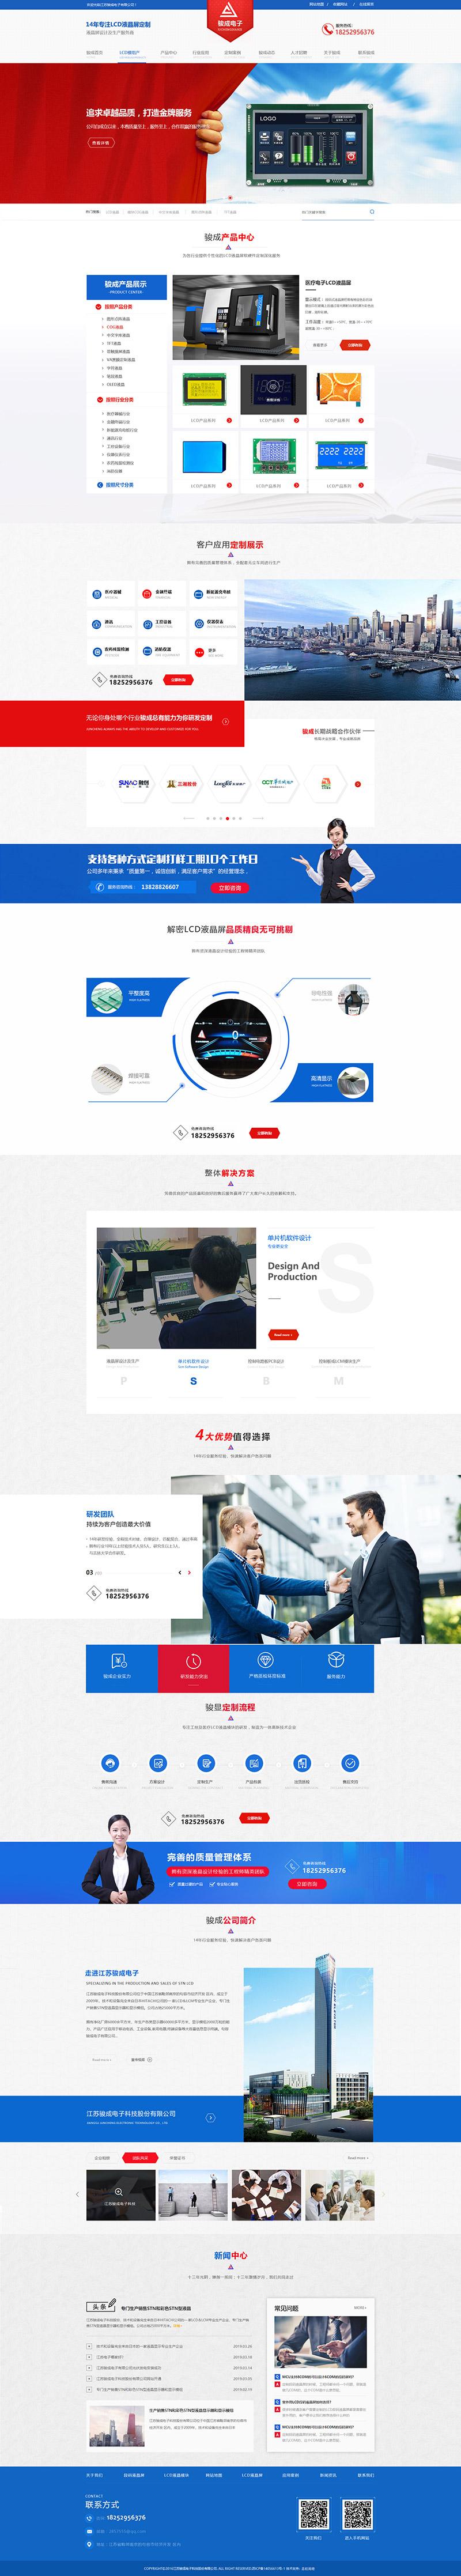 骏成电子网页设计稿第四版